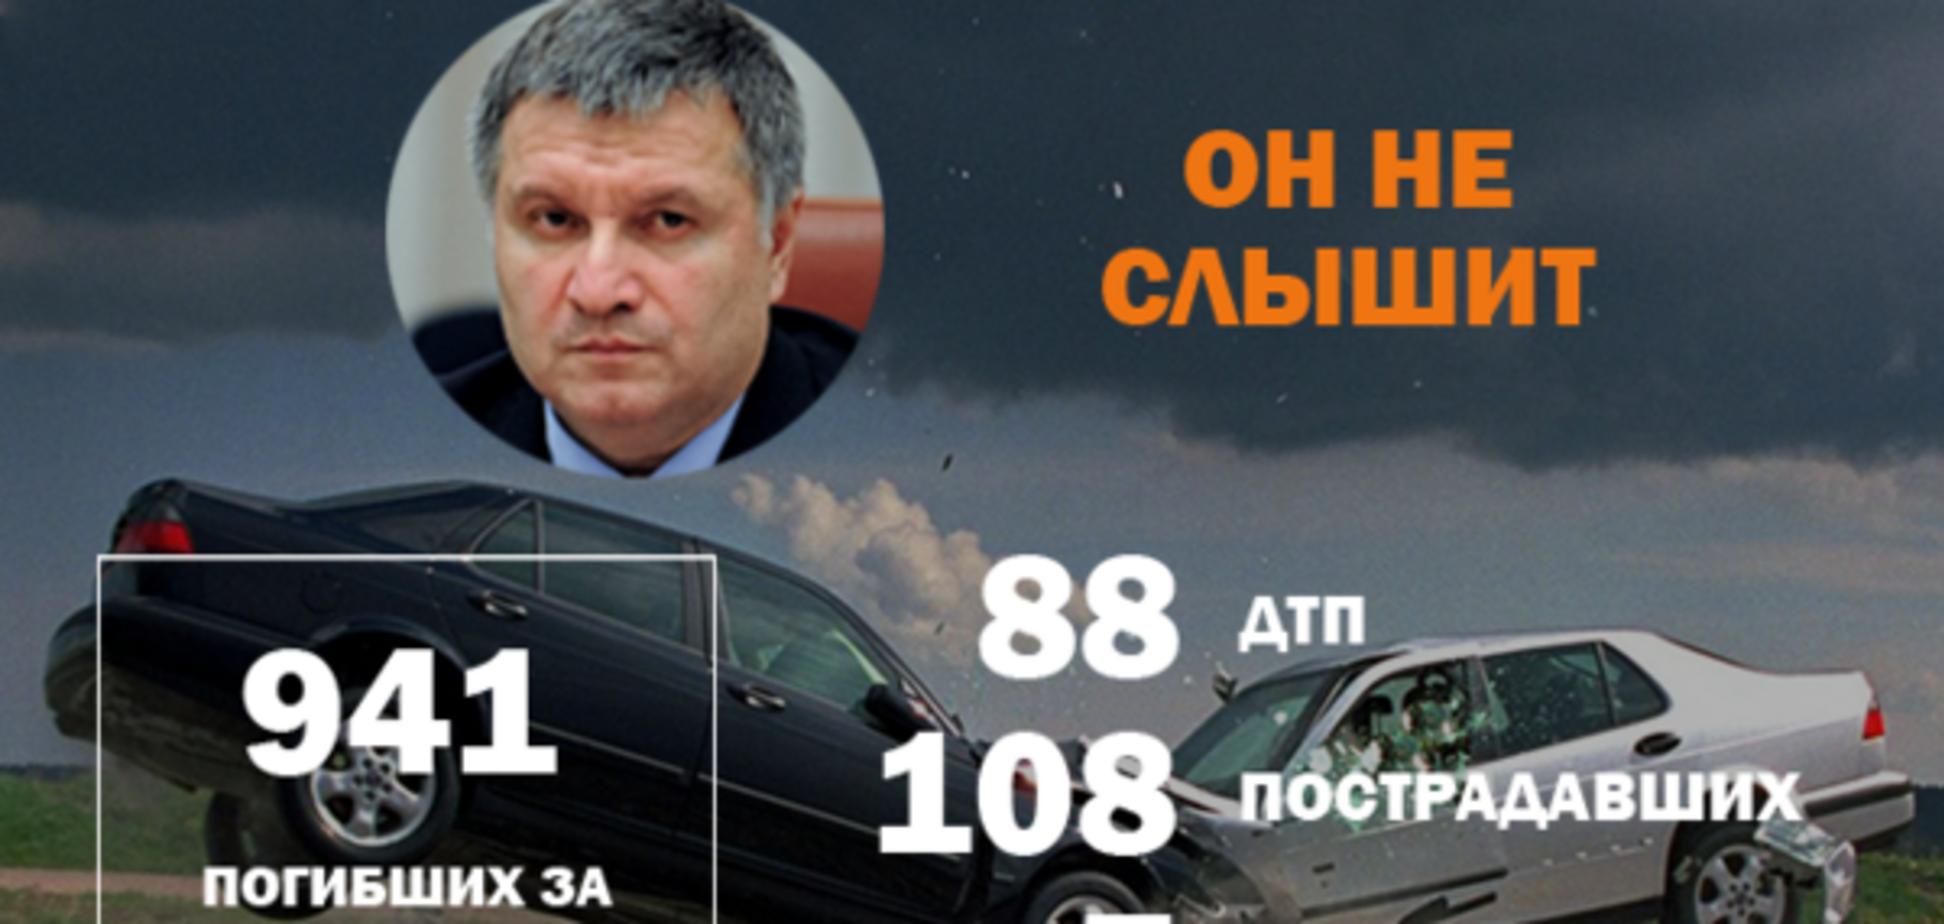 Жуткий 'краш-тест' и предательская воронка: топ ДТП в Украине за сутки